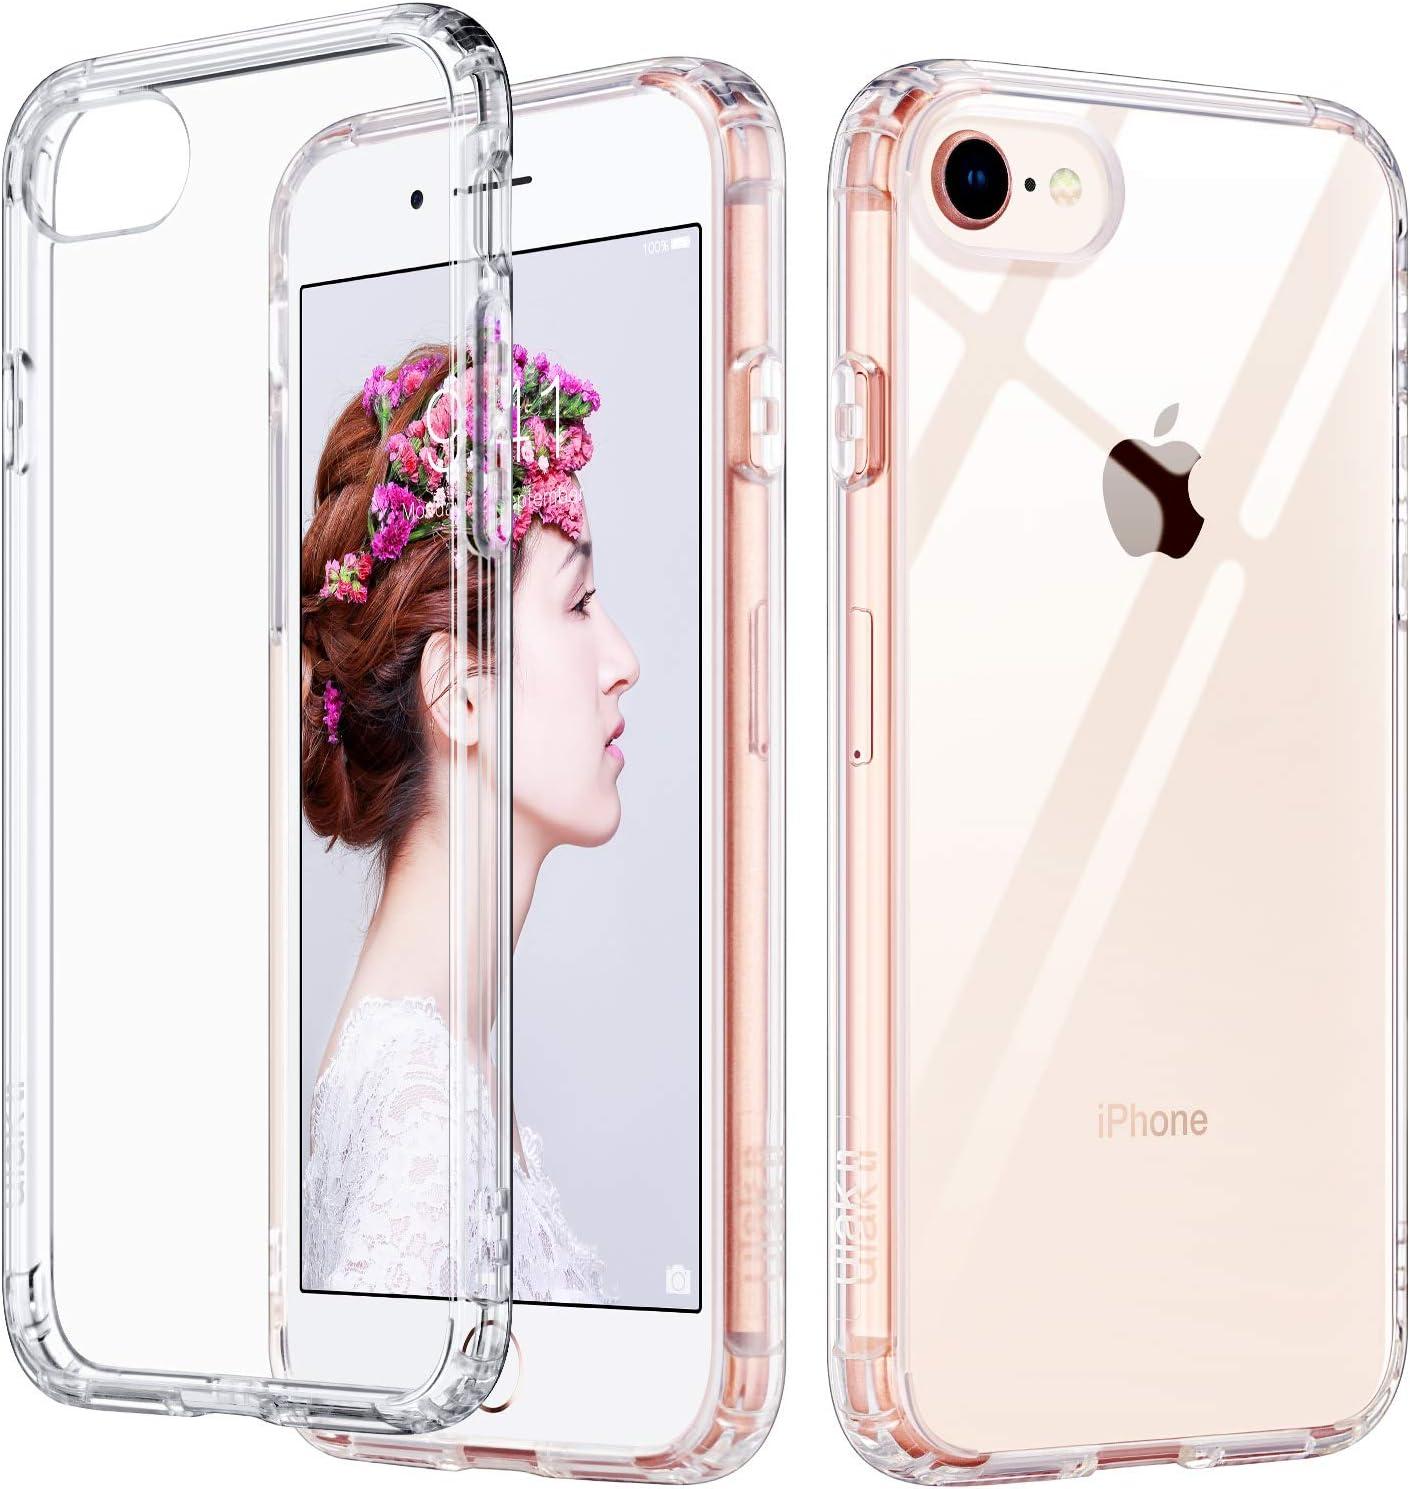 ULAK Slim Ultra Clear iPhone 8 Case, iPhone SE Case 2020, iPhone 7 Case 4.7 Inch, Hybrid TPU Shock-Absorption Anti-Scratch Bumper Hard Back Cover for ...